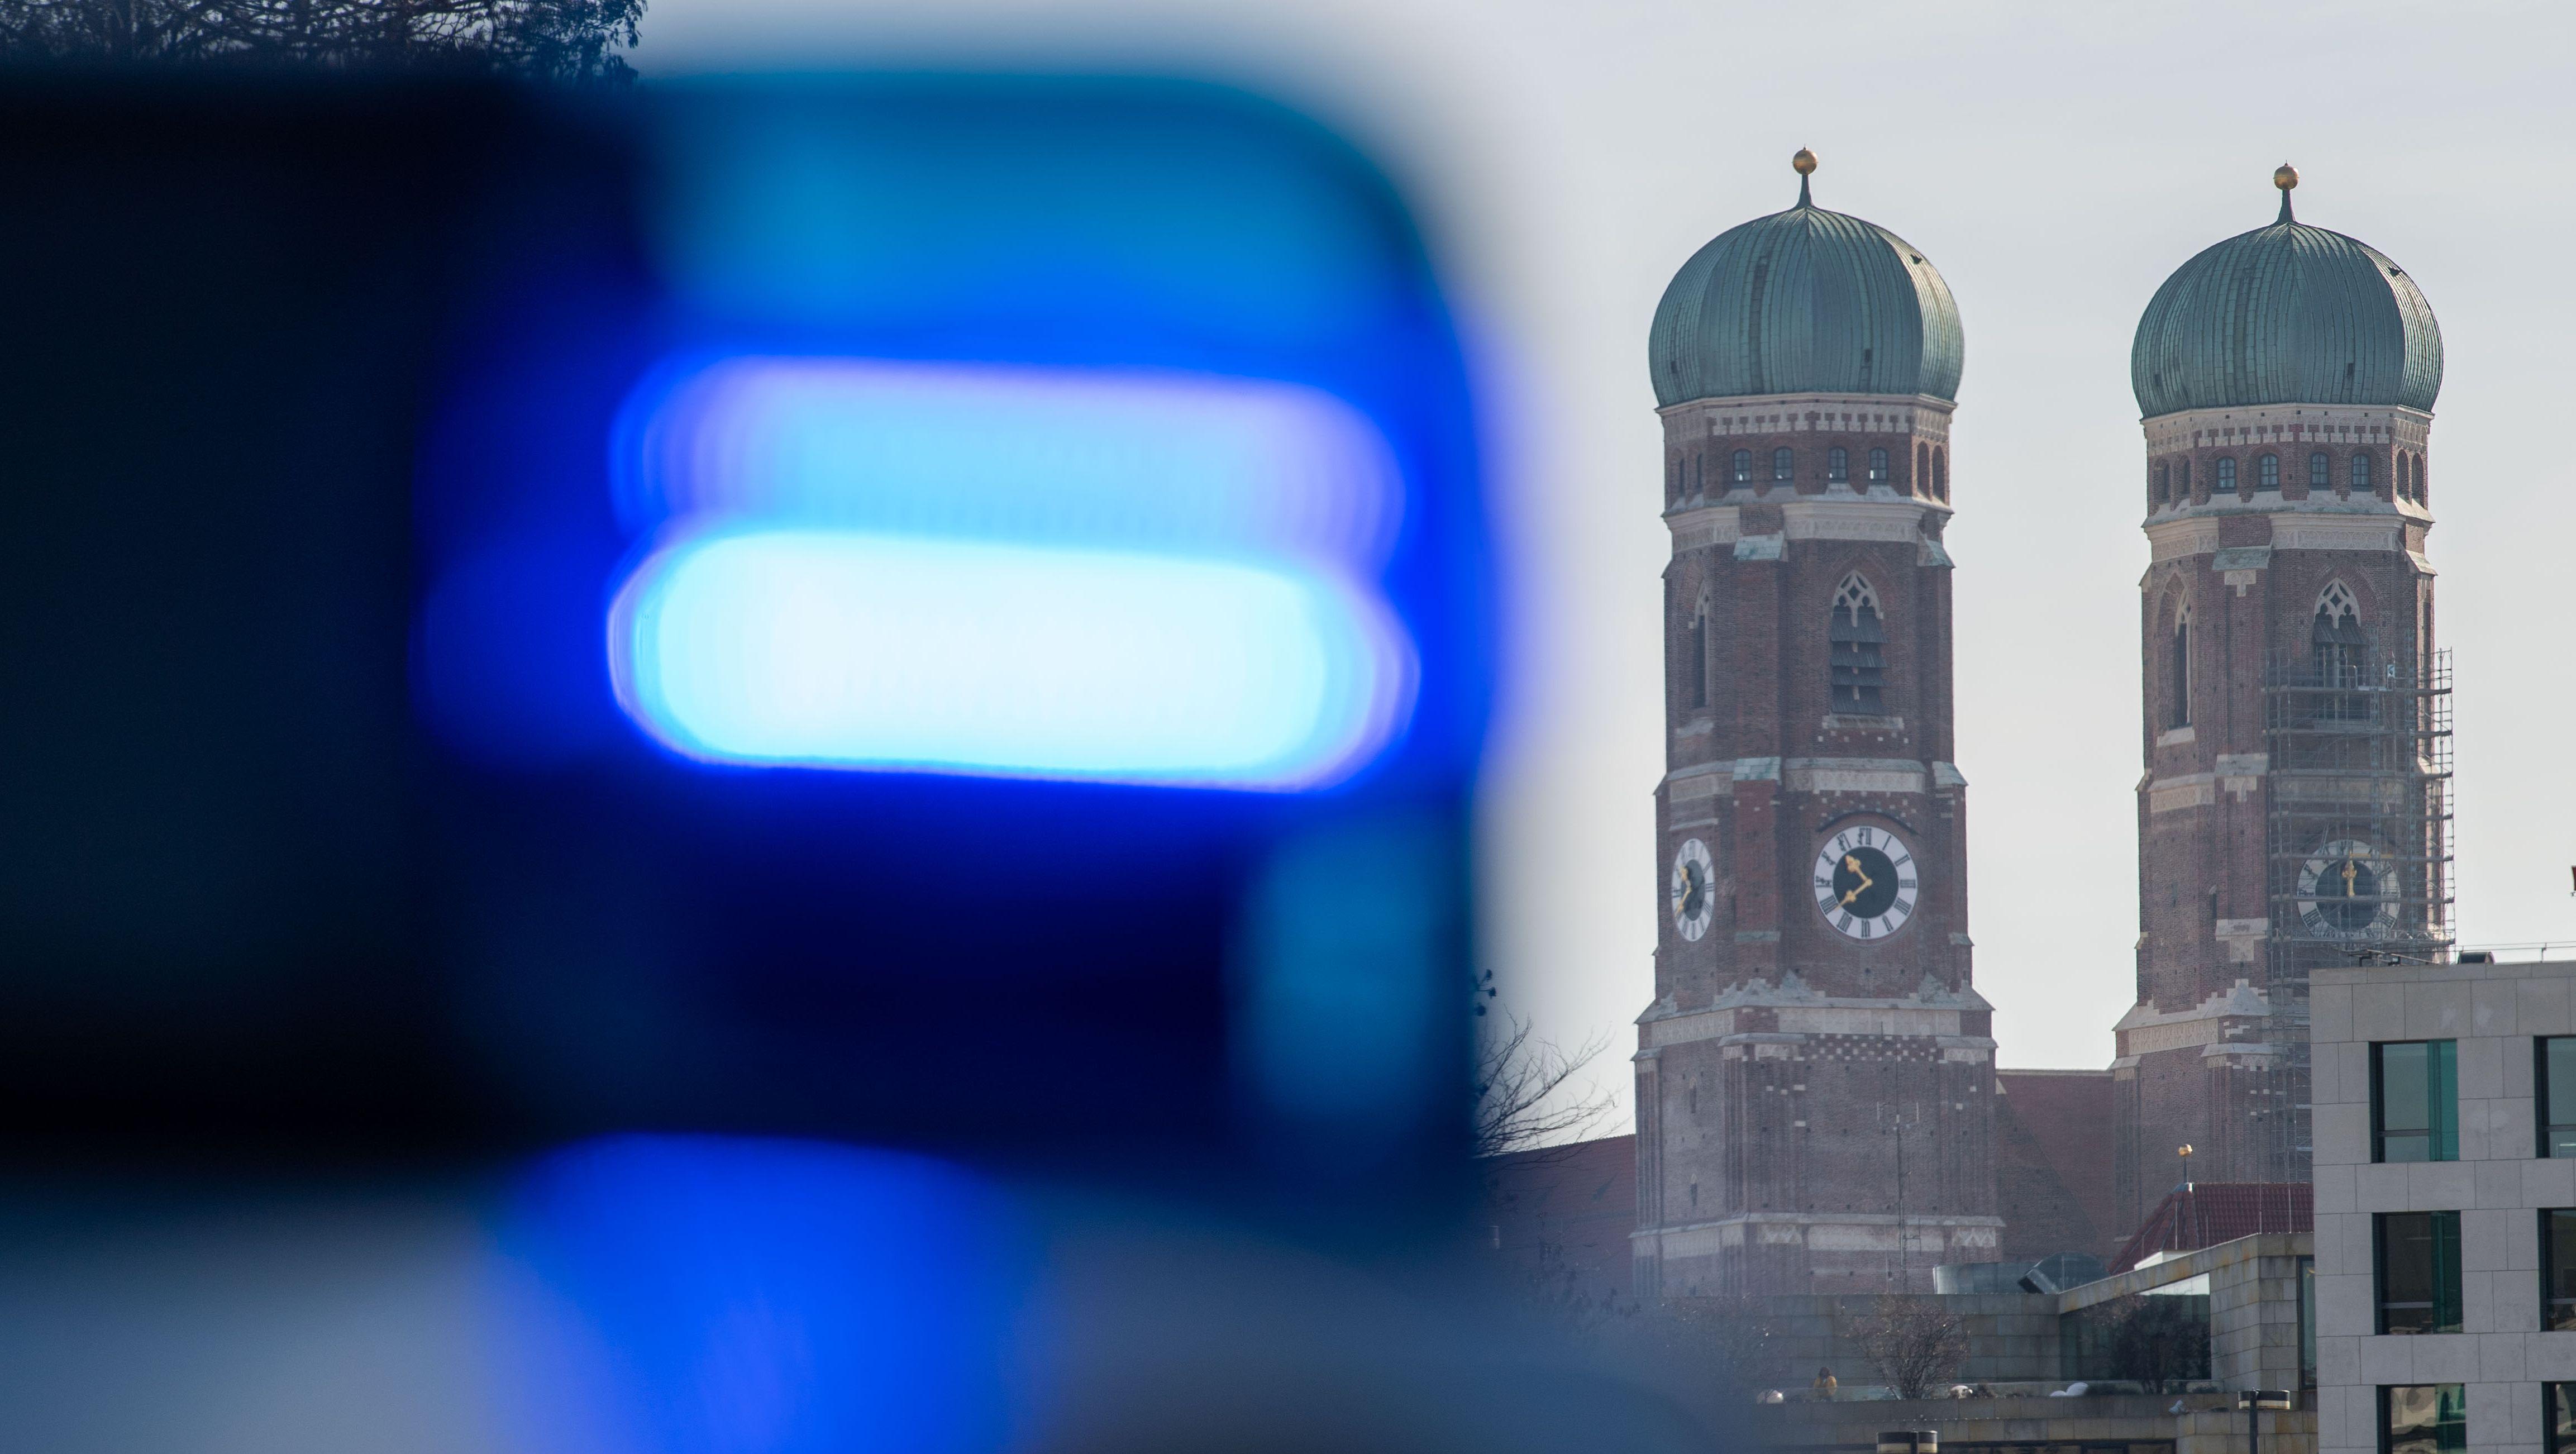 Symbolbild: Blaulicht vor Münchner Frauenkirche